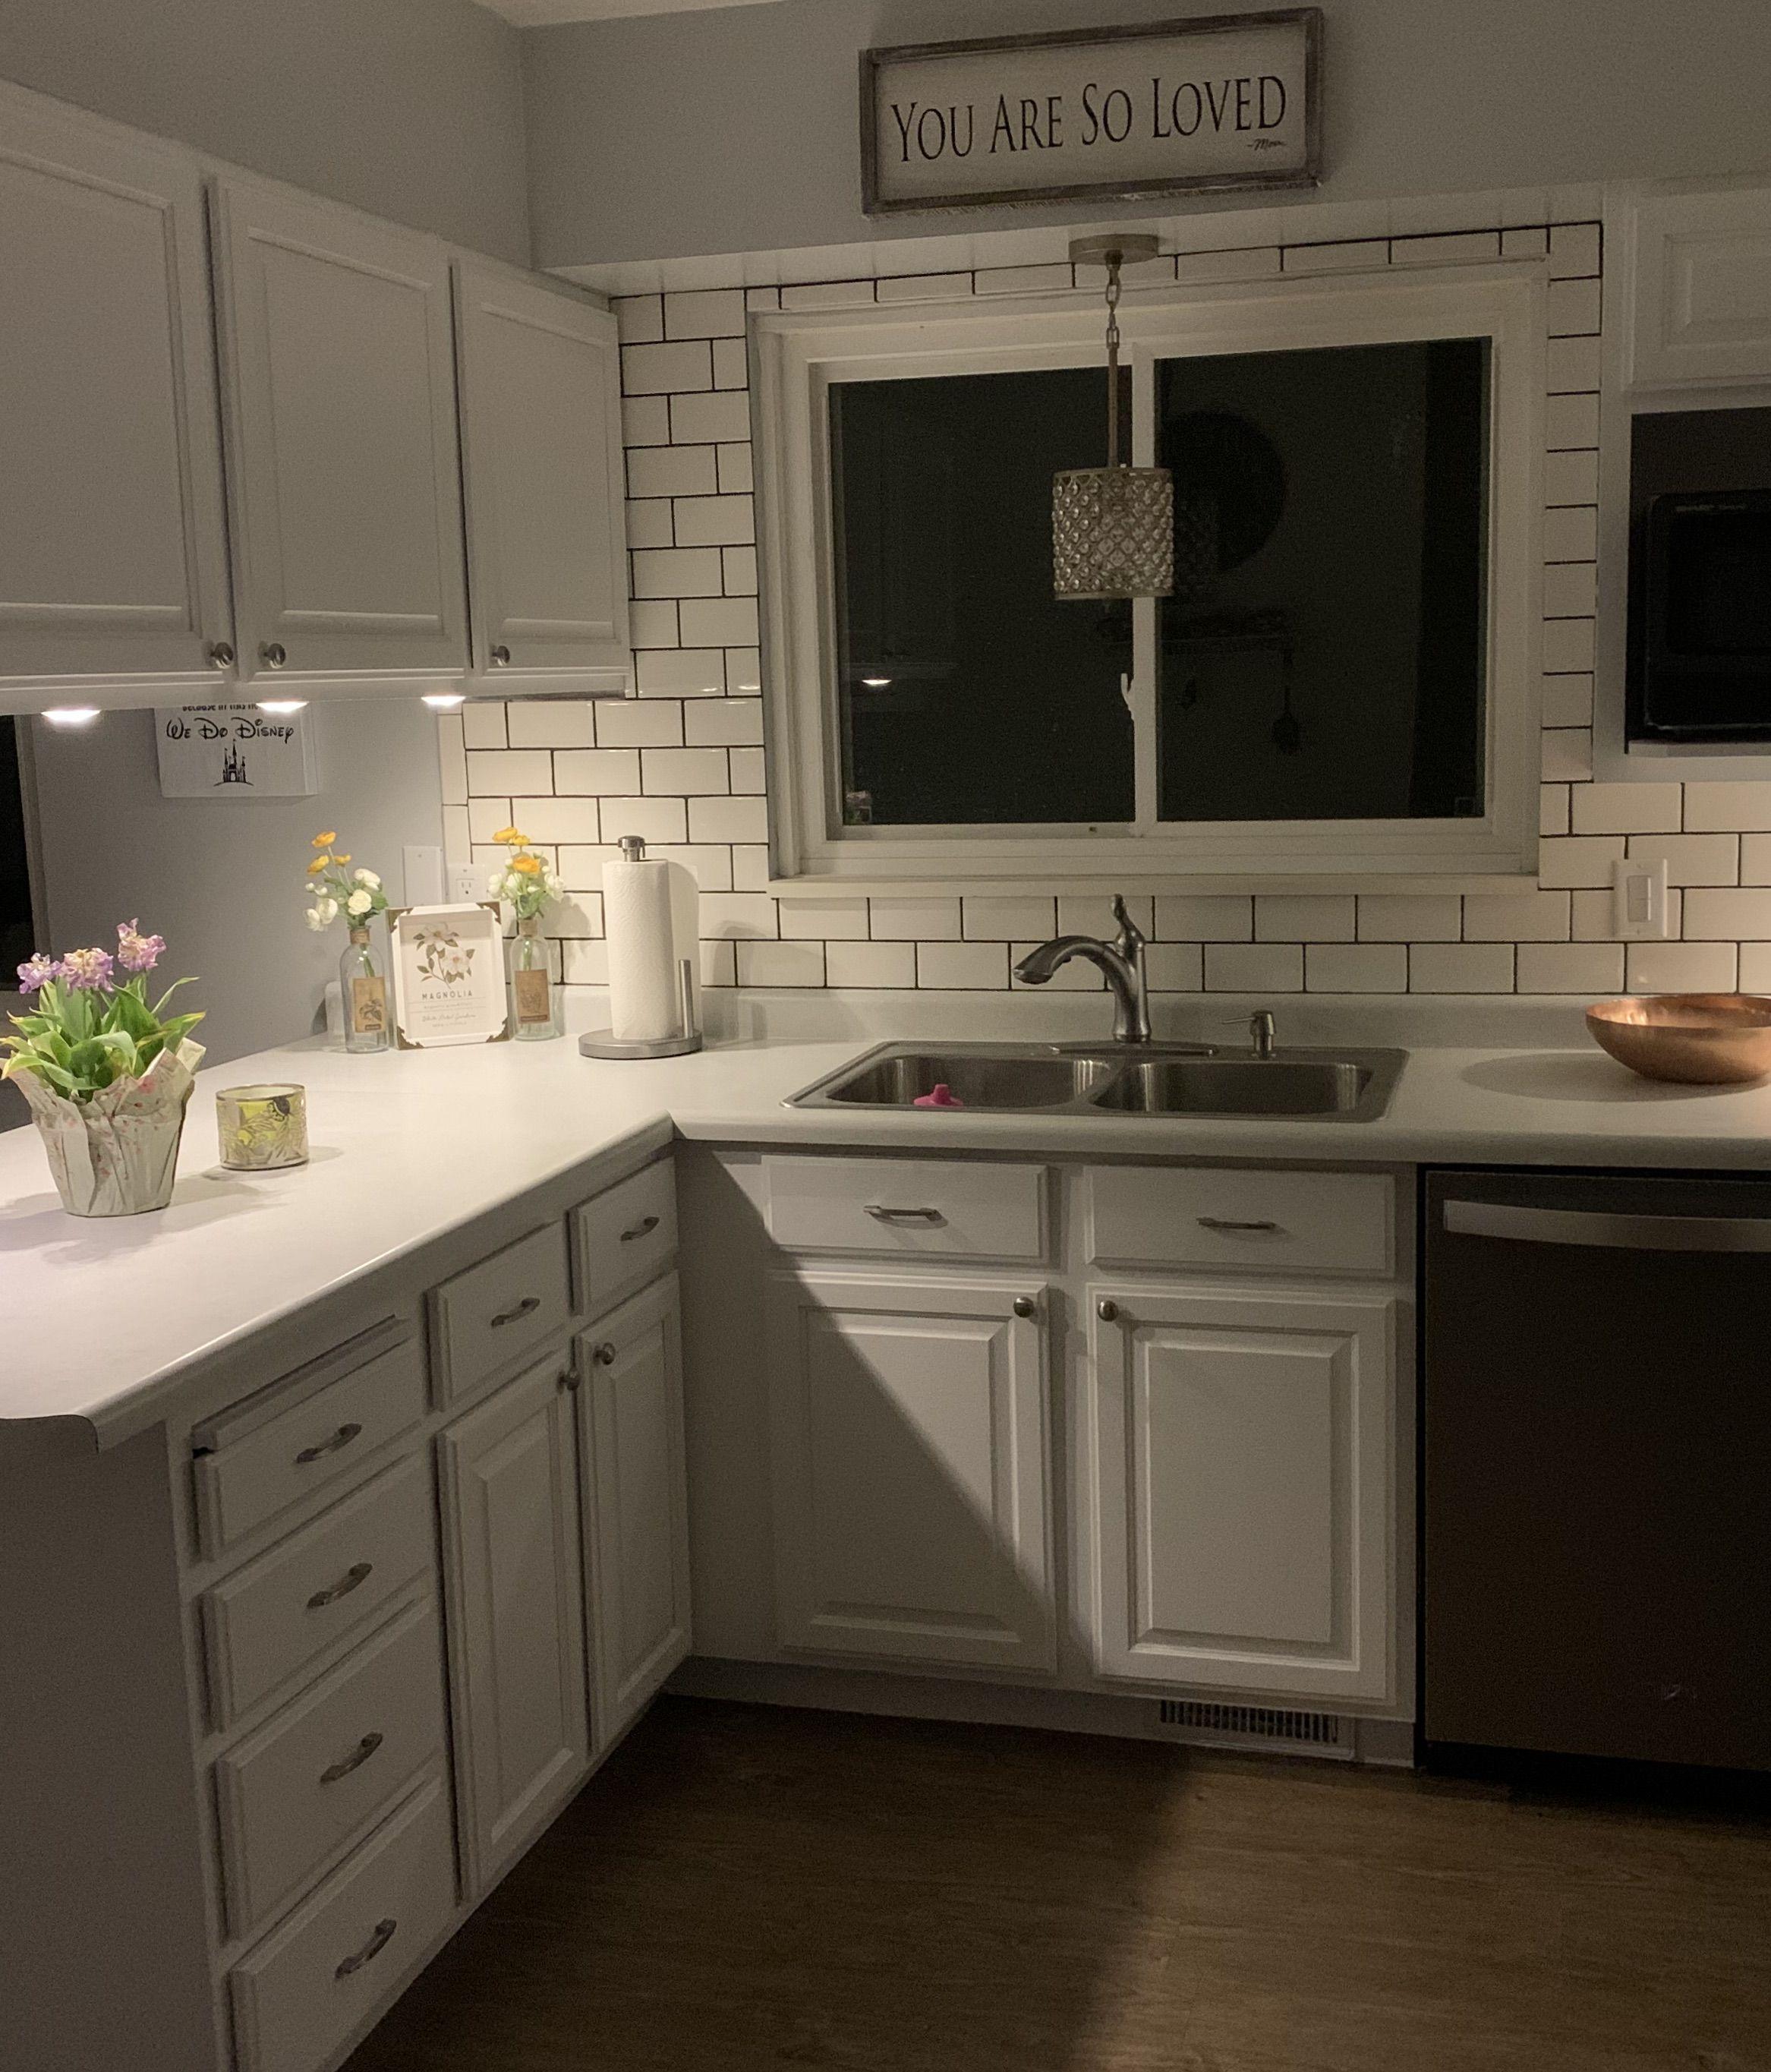 Upgrading Your Kitchen For Under 1000 In 2020 Kitchen Design Kitchen Home